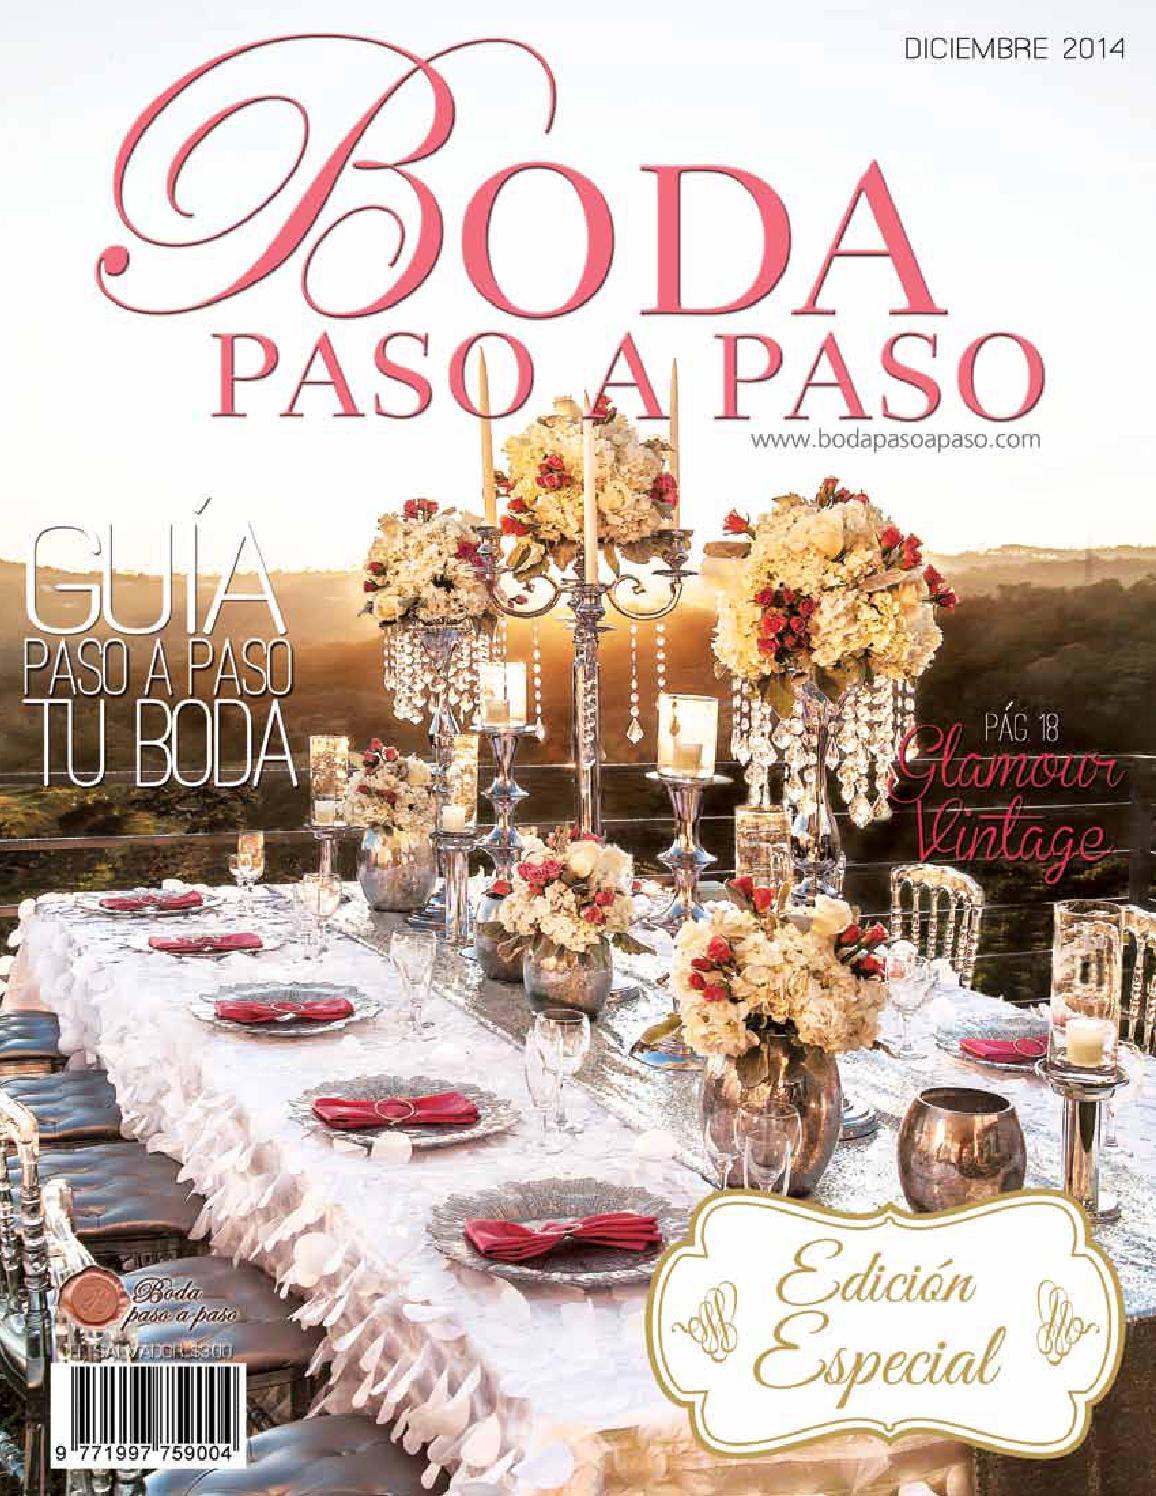 Revista Boda Paso A Paso Edicion Especial Diciembre 2014 By